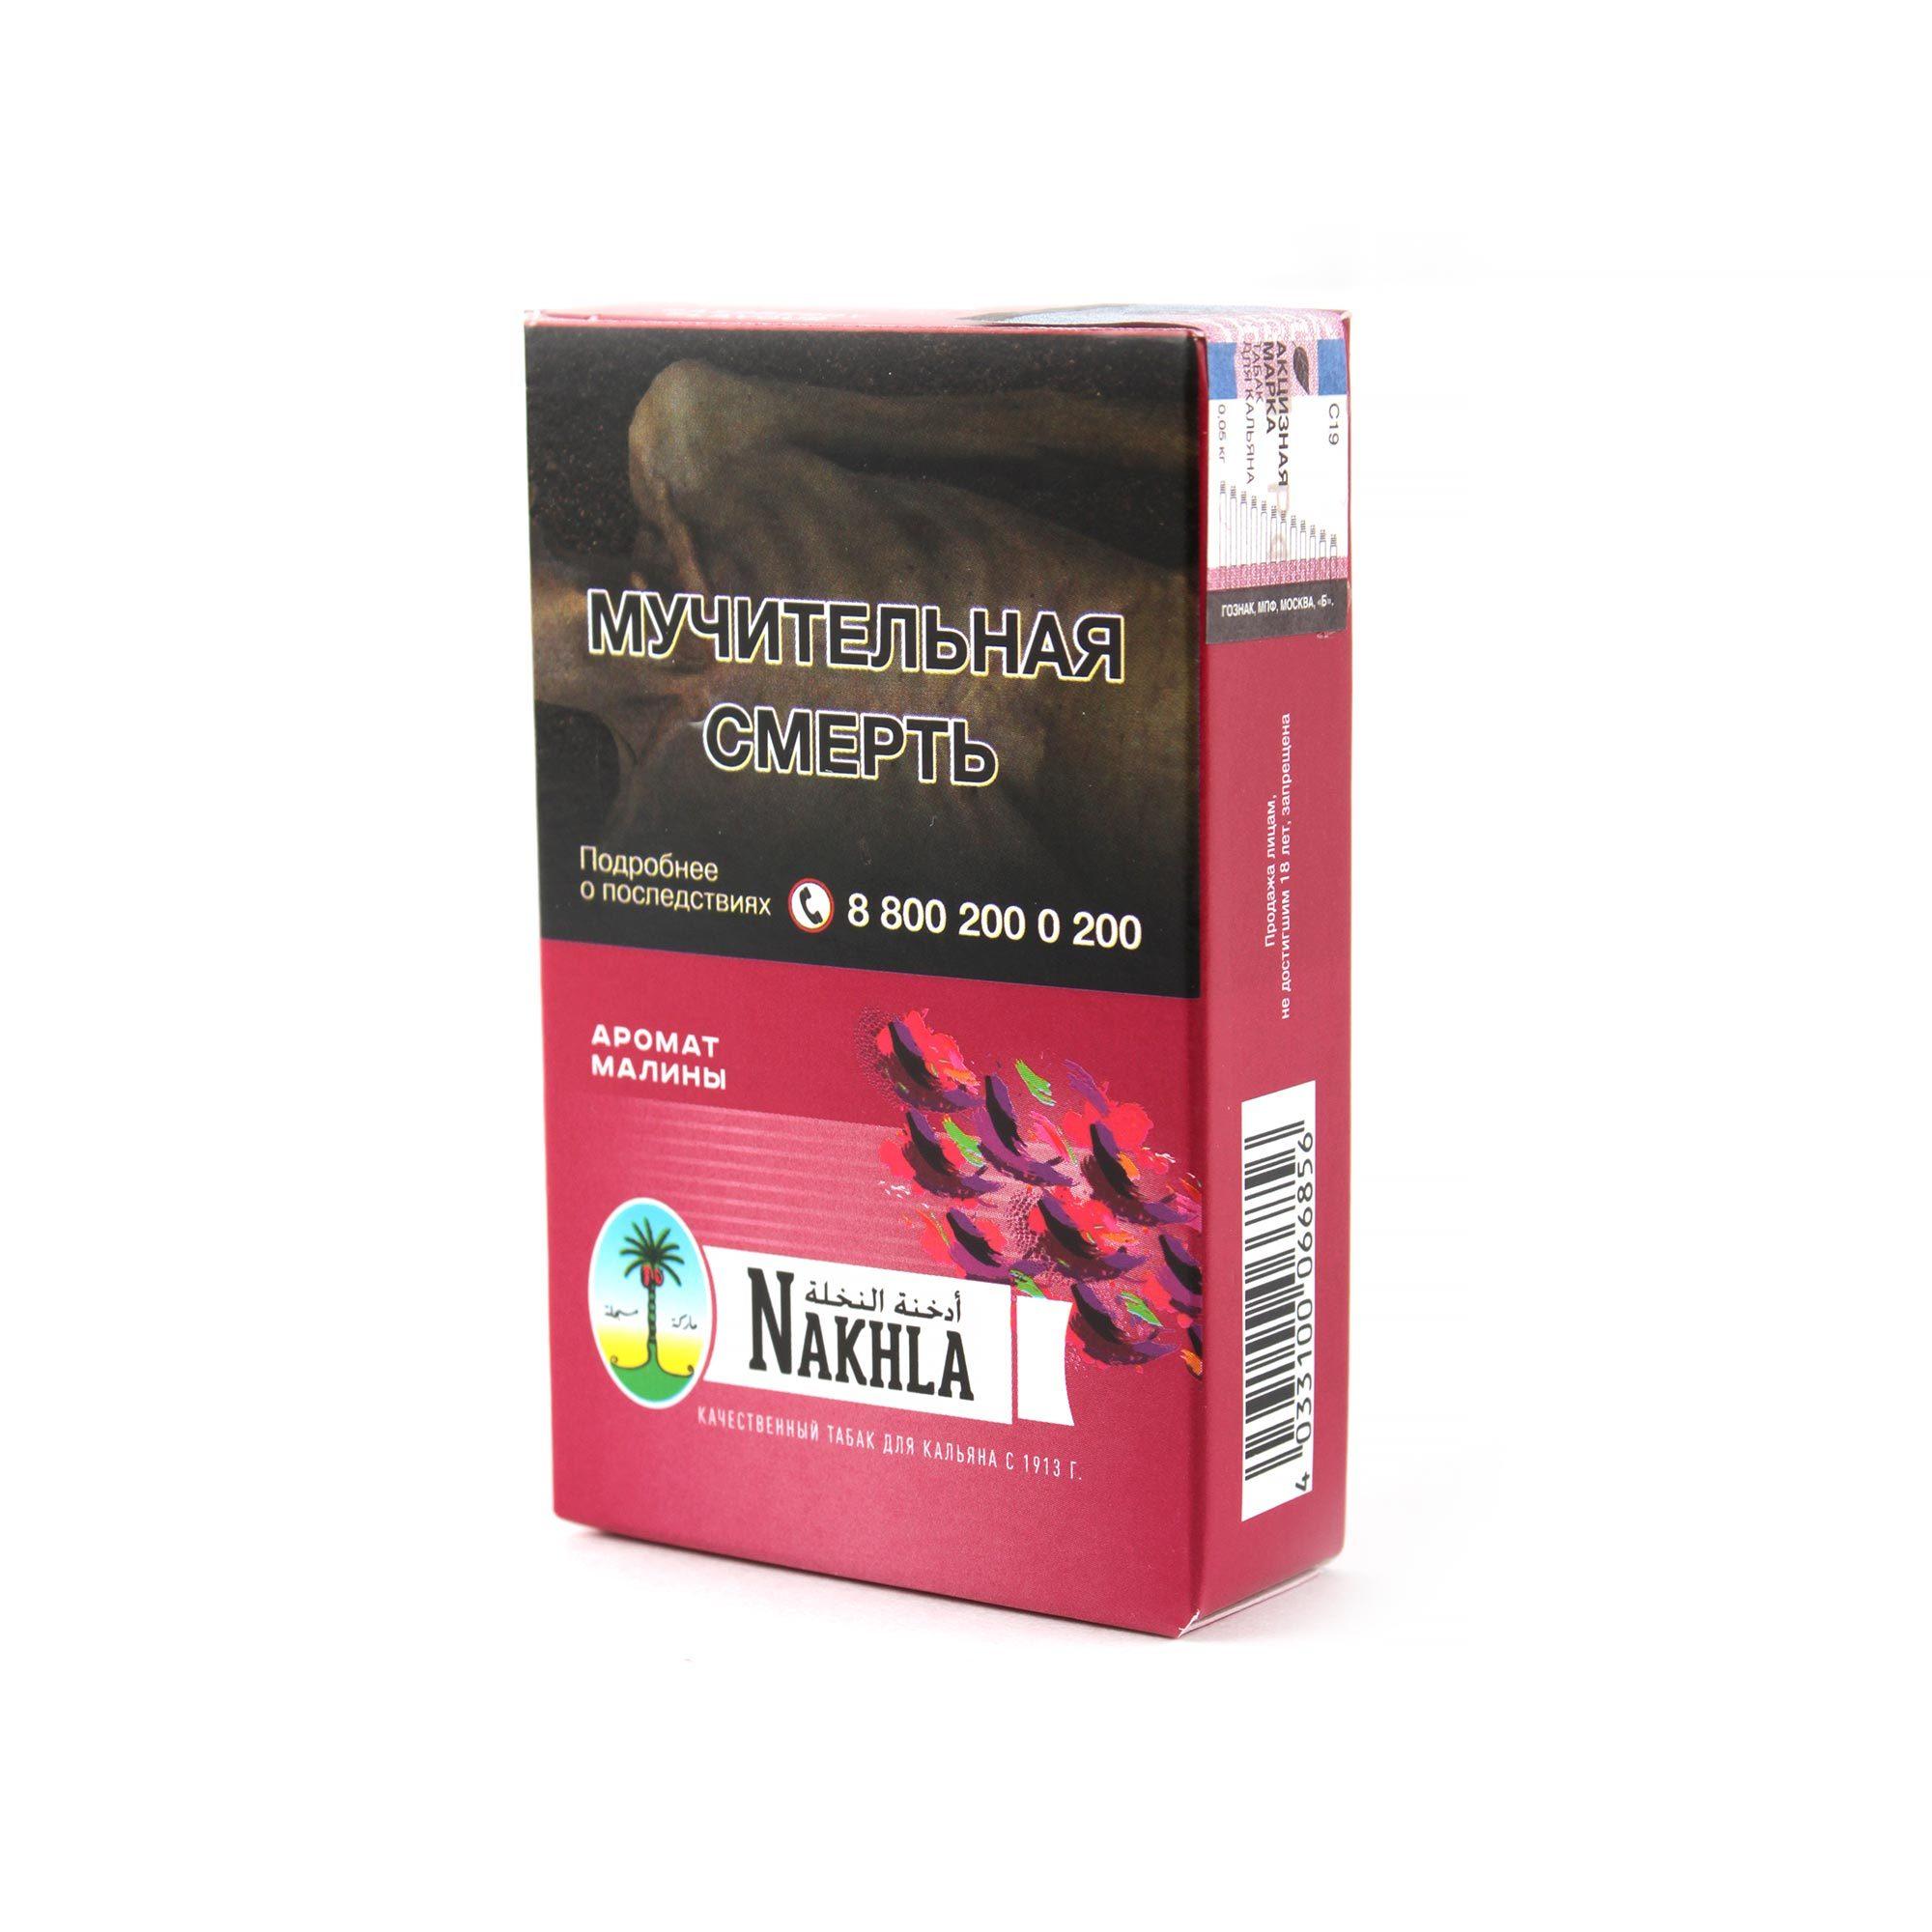 Табак для кальяна Nakhla Raspberry 50 гр